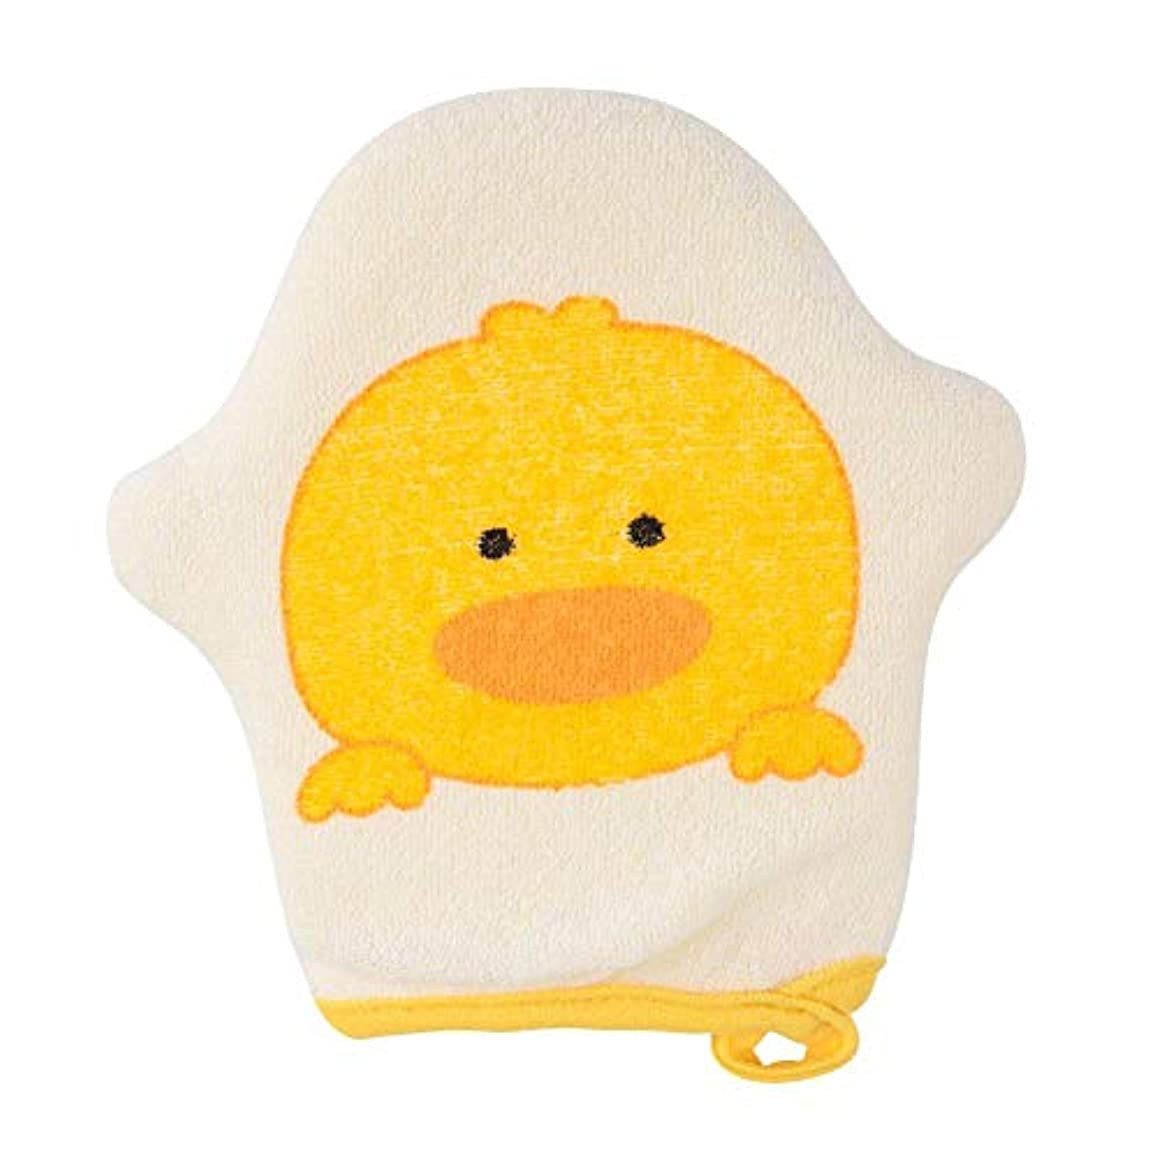 生きている味わう公平なシャワースポンジ シャワー手袋 垢すり手袋 ボディースポンジ 浴用手袋 赤ちゃん ベビー 両面用 入浴用 シャワーブラシ 入浴用品 お風呂用 バス用品 柔らかい 動物柄 かわいい オシャレ(イエロー)